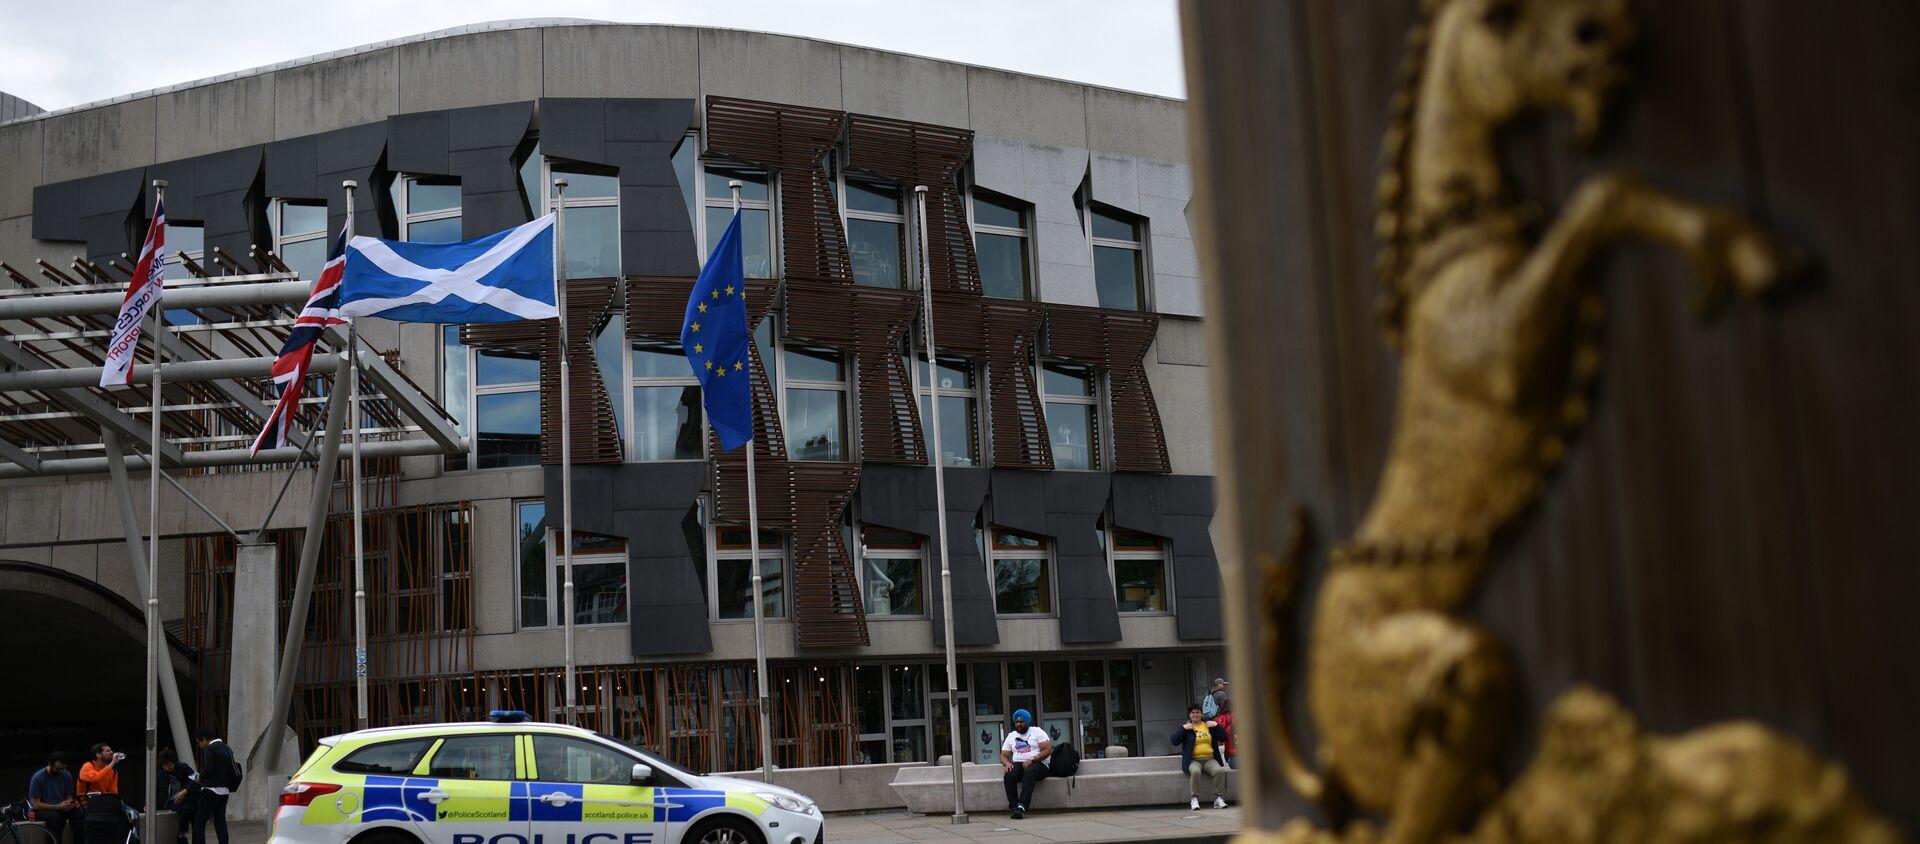 Bandiere britanniche, europee e scozzesi fuori dal parlamento ad Edinburgo, all'indomani del referendum Brexit - Sputnik Italia, 1920, 26.04.2021